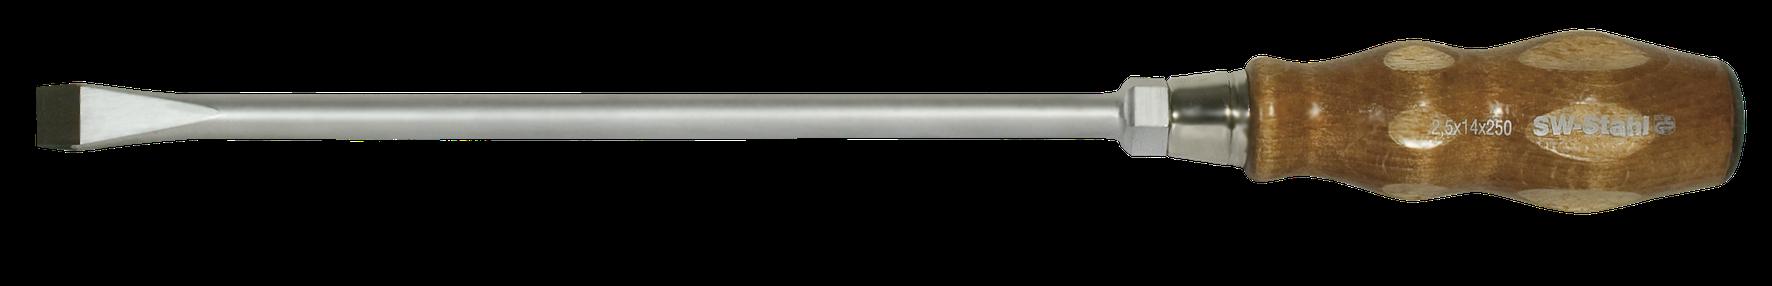 SWSTAHL Schraubendreher Holzheftschraubendreher 125 x 6,5 30902L